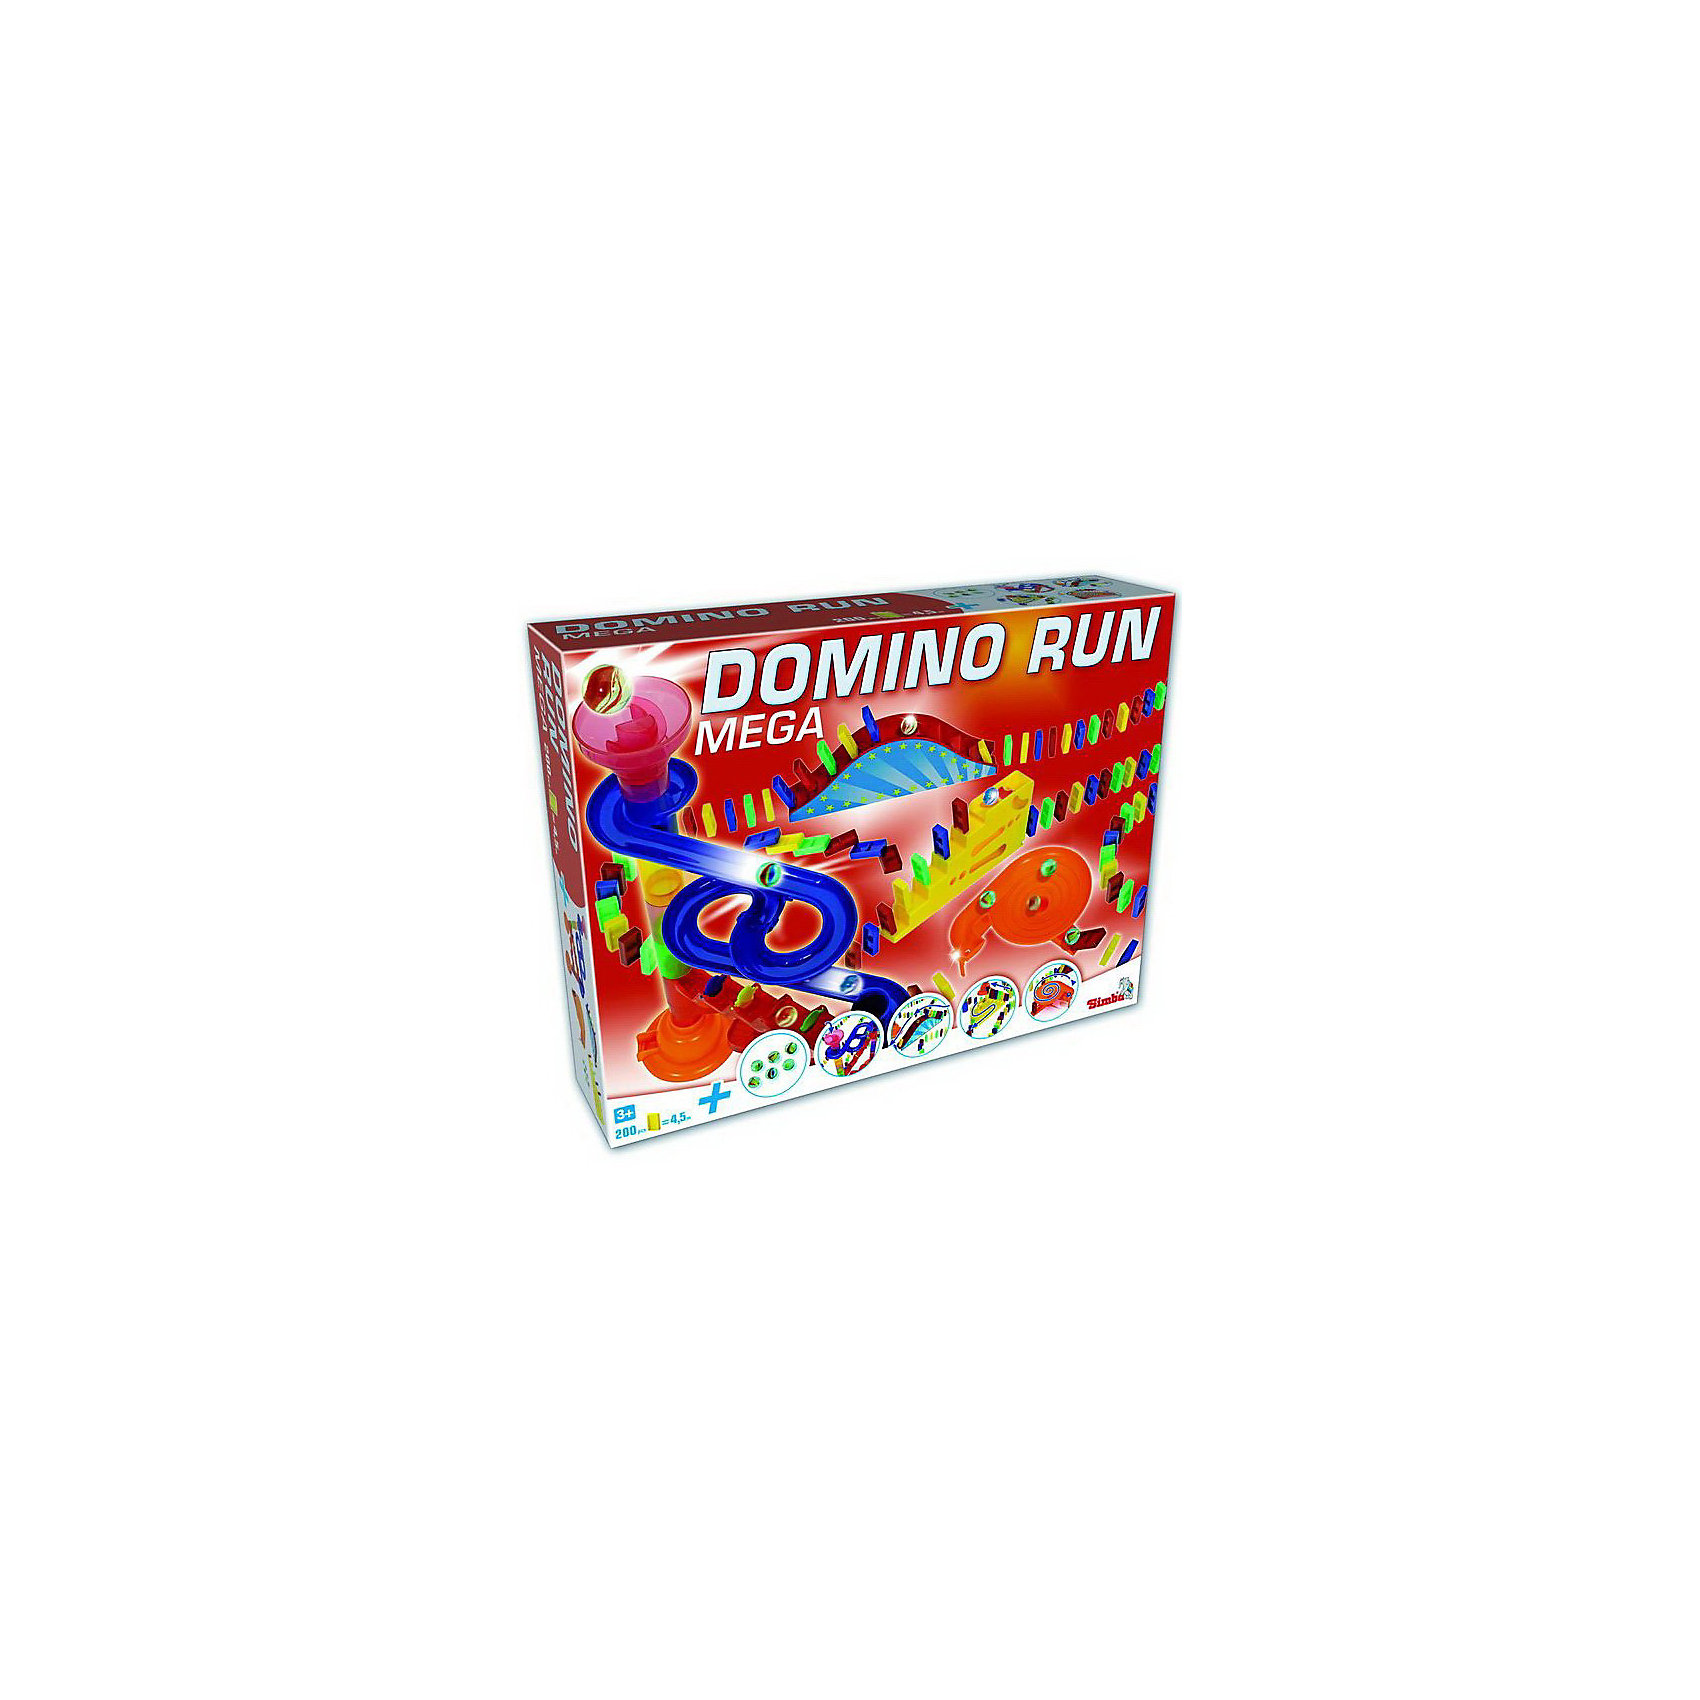 Мега набор домино, 200 деталей, SimbaМногофункциональный игровой набор домино. Набор предусматривает множество разных игр. Это не только классическое домино, но и конструктор для сборки различных сложных построек и конструкций. В наборе: 200 разноцветных костяшек домино, 6 прозрачных шариков, детали для сборки конструктора-лабиринта с трубочками, воронка, горка, лесенка.<br><br>Дополнительная информация: <br><br>- Материал: пластмасса <br>- Размер упаковки: 10 х 4 х 63,5 см. <br>- Вес с упаковкой: 1,2 кг.<br><br>Увлекательная игра для развития логического мышления и пространственного воображения<br><br>Купить домино можно в нашем магазине<br><br>Ширина мм: 460<br>Глубина мм: 100<br>Высота мм: 350<br>Вес г: 1331<br>Возраст от месяцев: 36<br>Возраст до месяцев: 1188<br>Пол: Унисекс<br>Возраст: Детский<br>SKU: 2497482